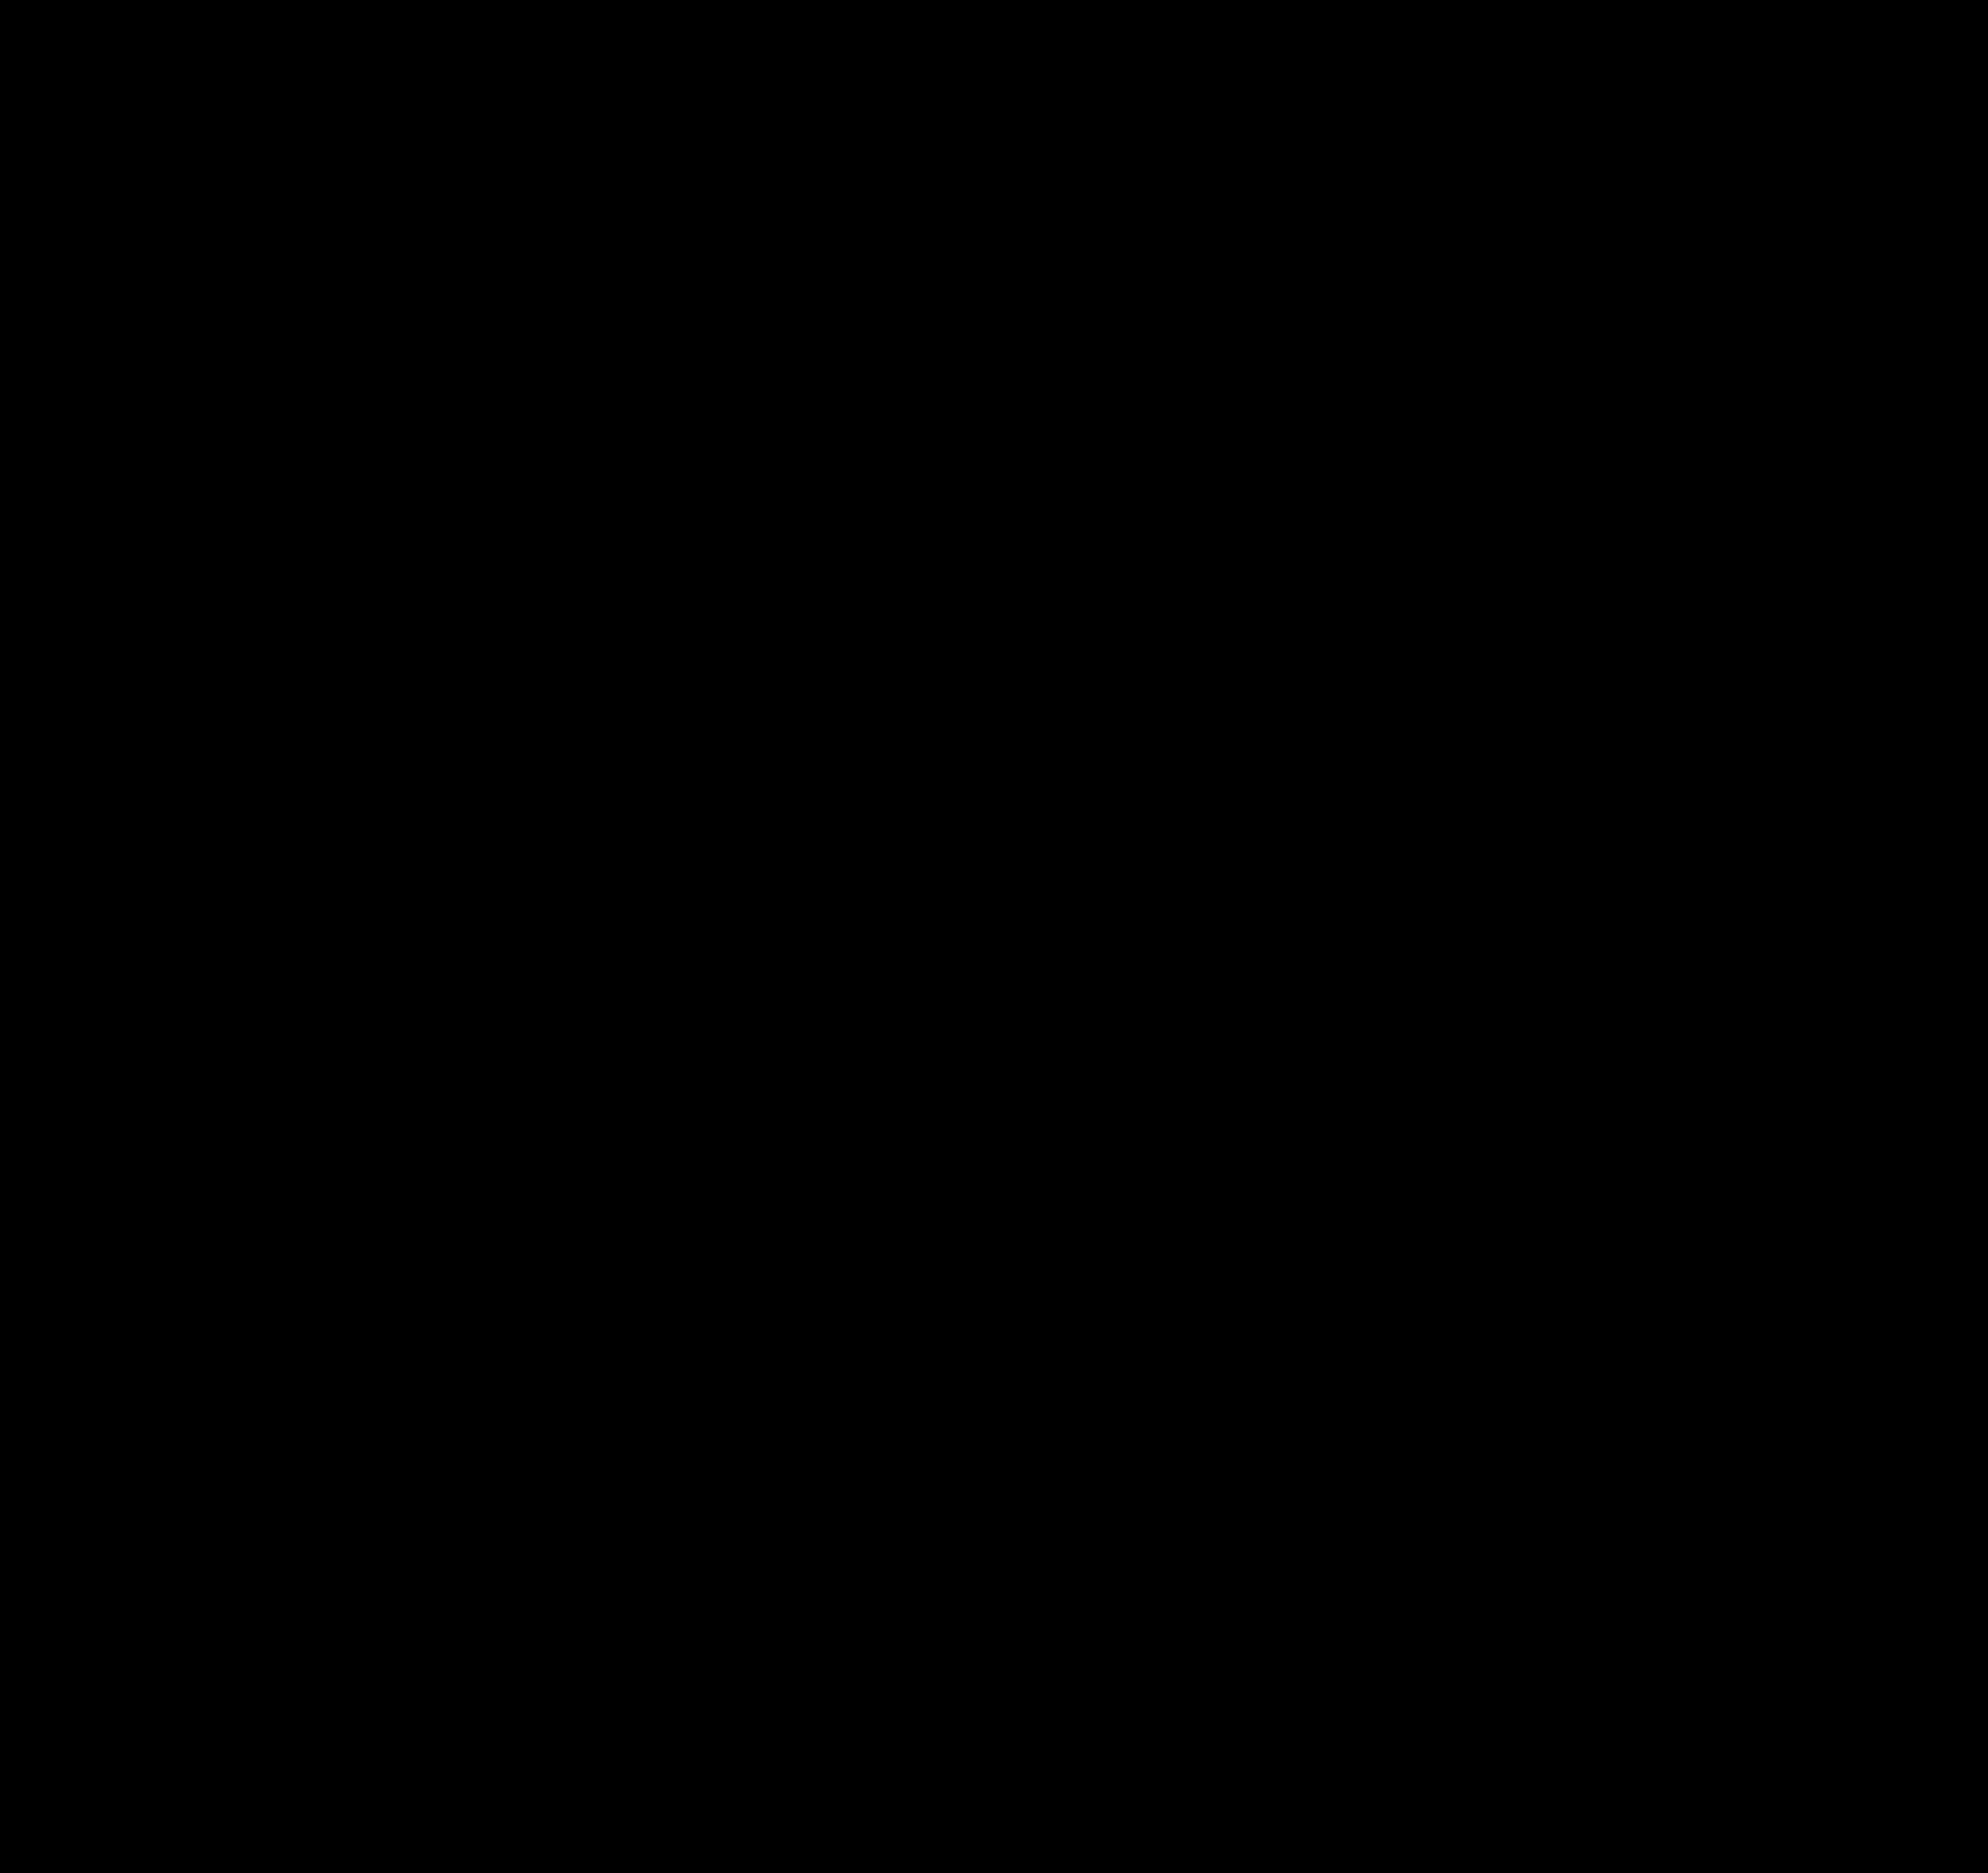 tabouret haut r glable s s s s pivotant acier acier inoxydable magis. Black Bedroom Furniture Sets. Home Design Ideas